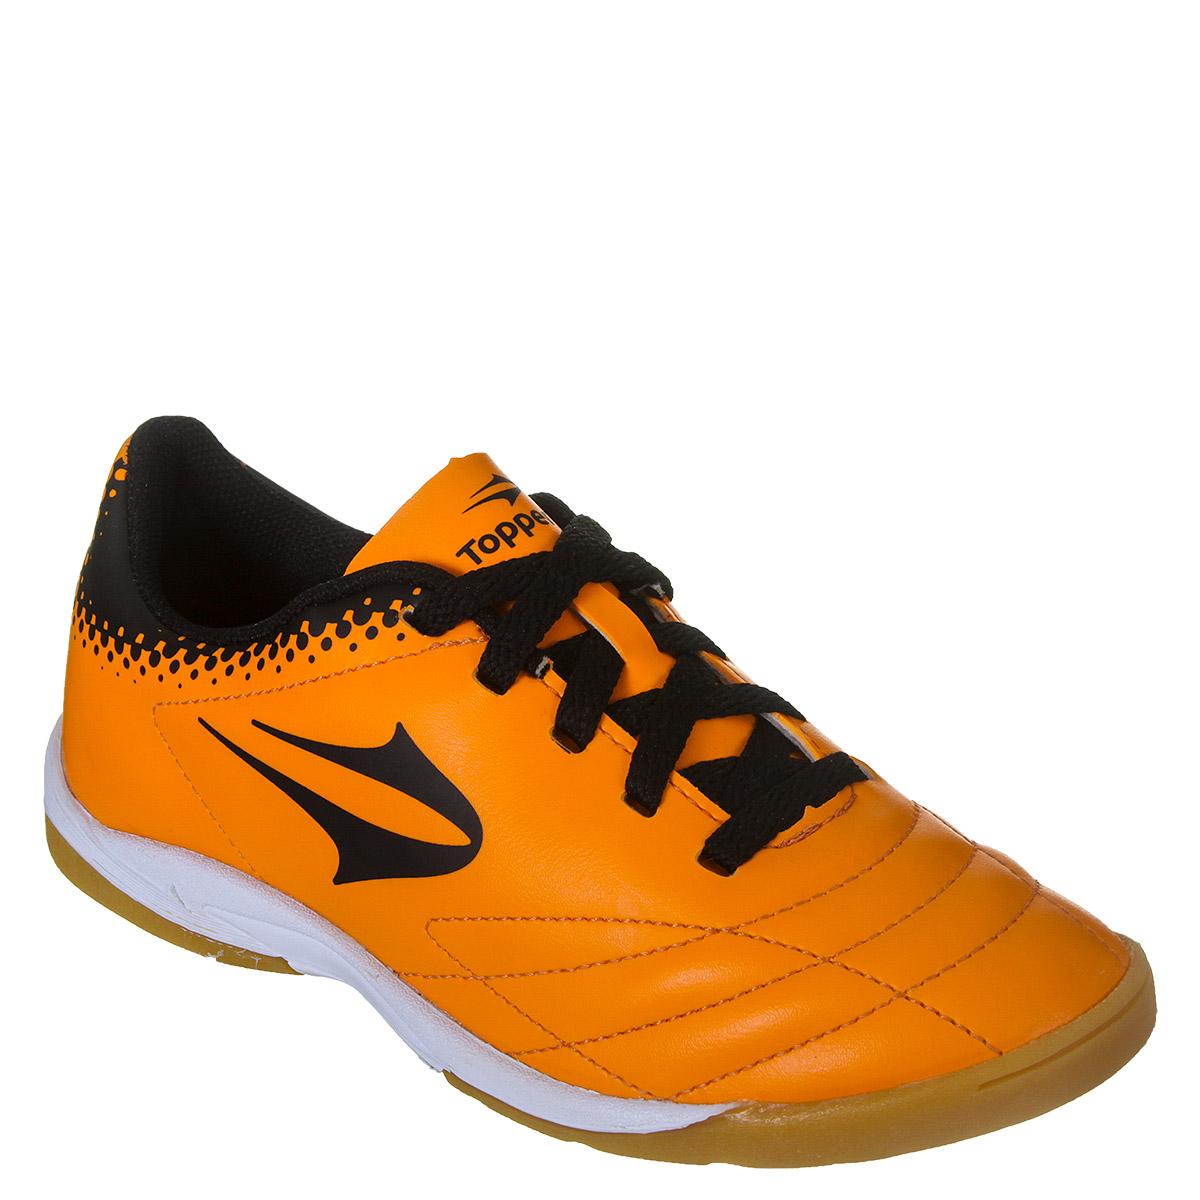 Chuteira Futsal Topper Sprint 3 Infantil - Laranja Preto  d1b61f6f3a501